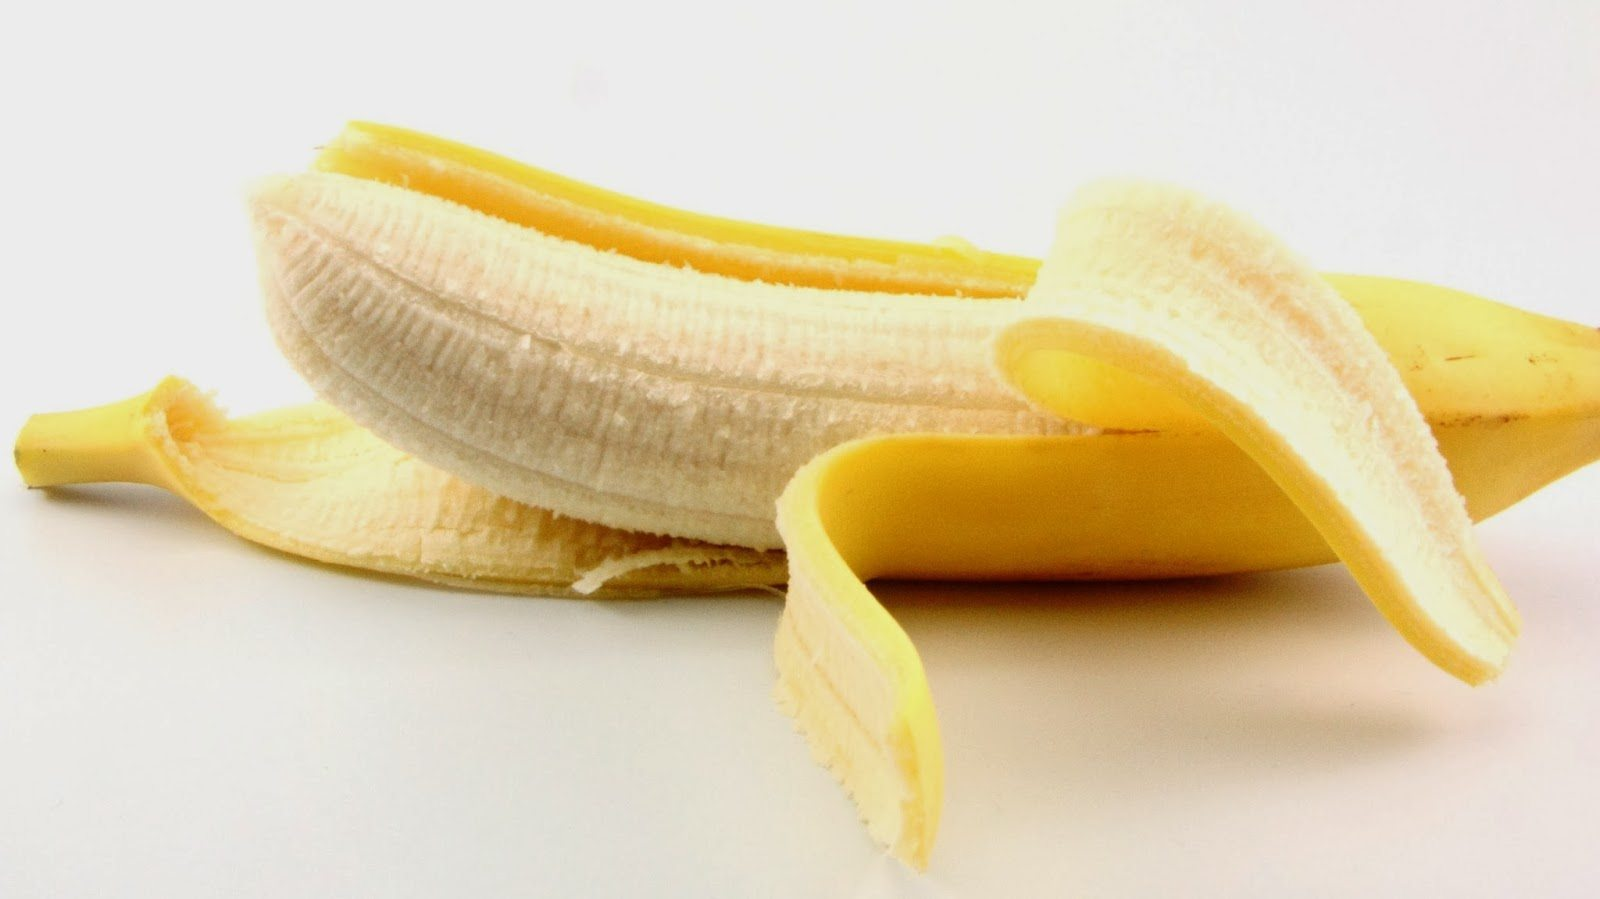 casca de banana para clarear os dentes